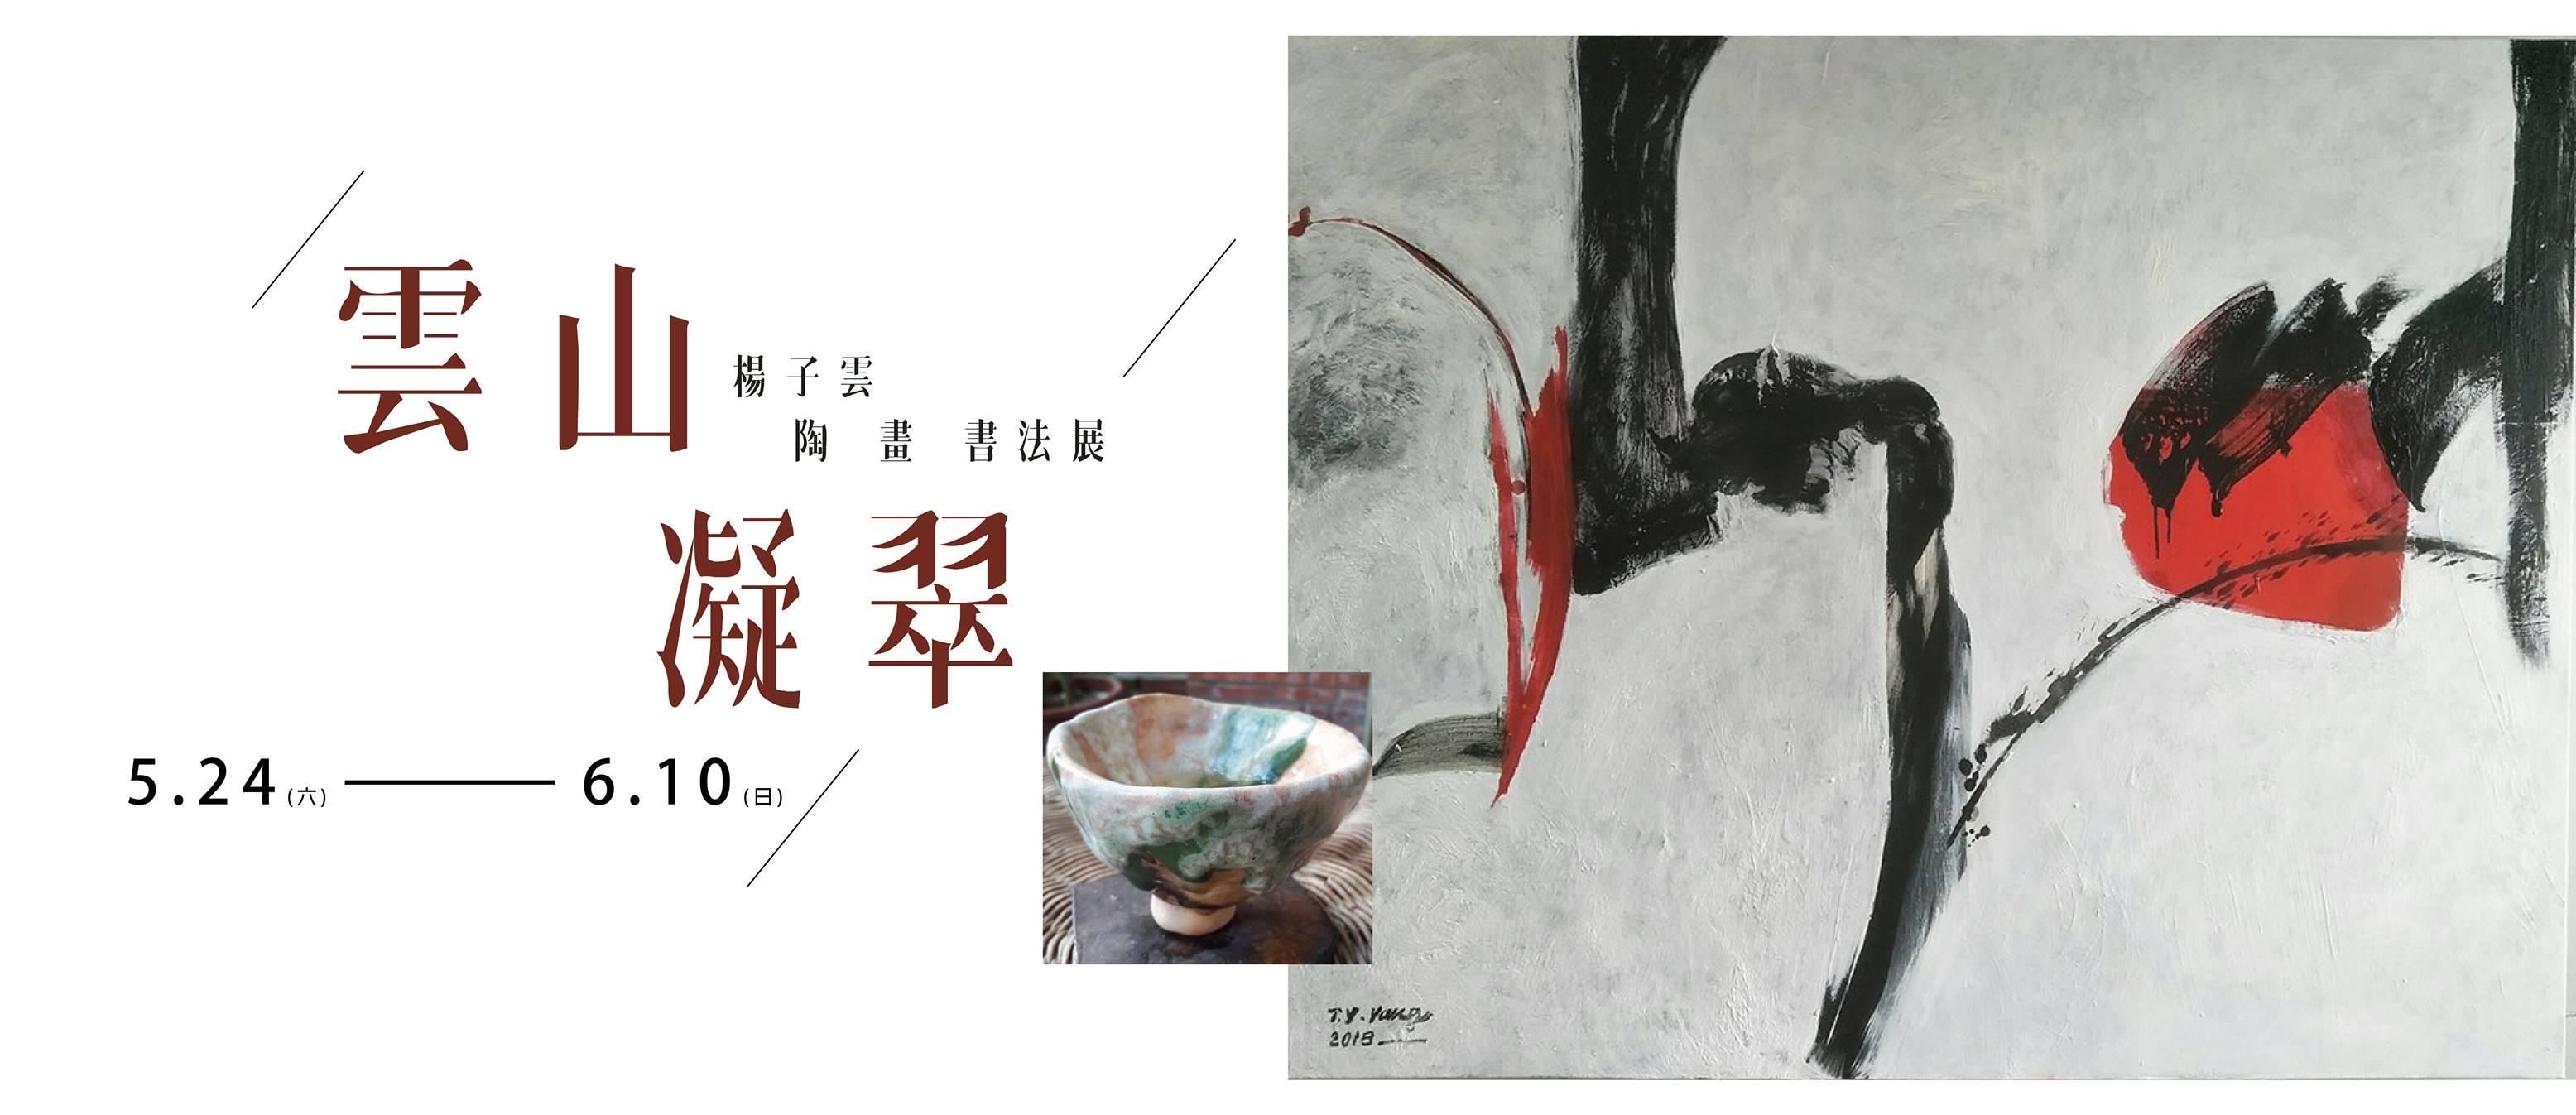 【雲山凝翠】 楊子雲陶/畫/書法展